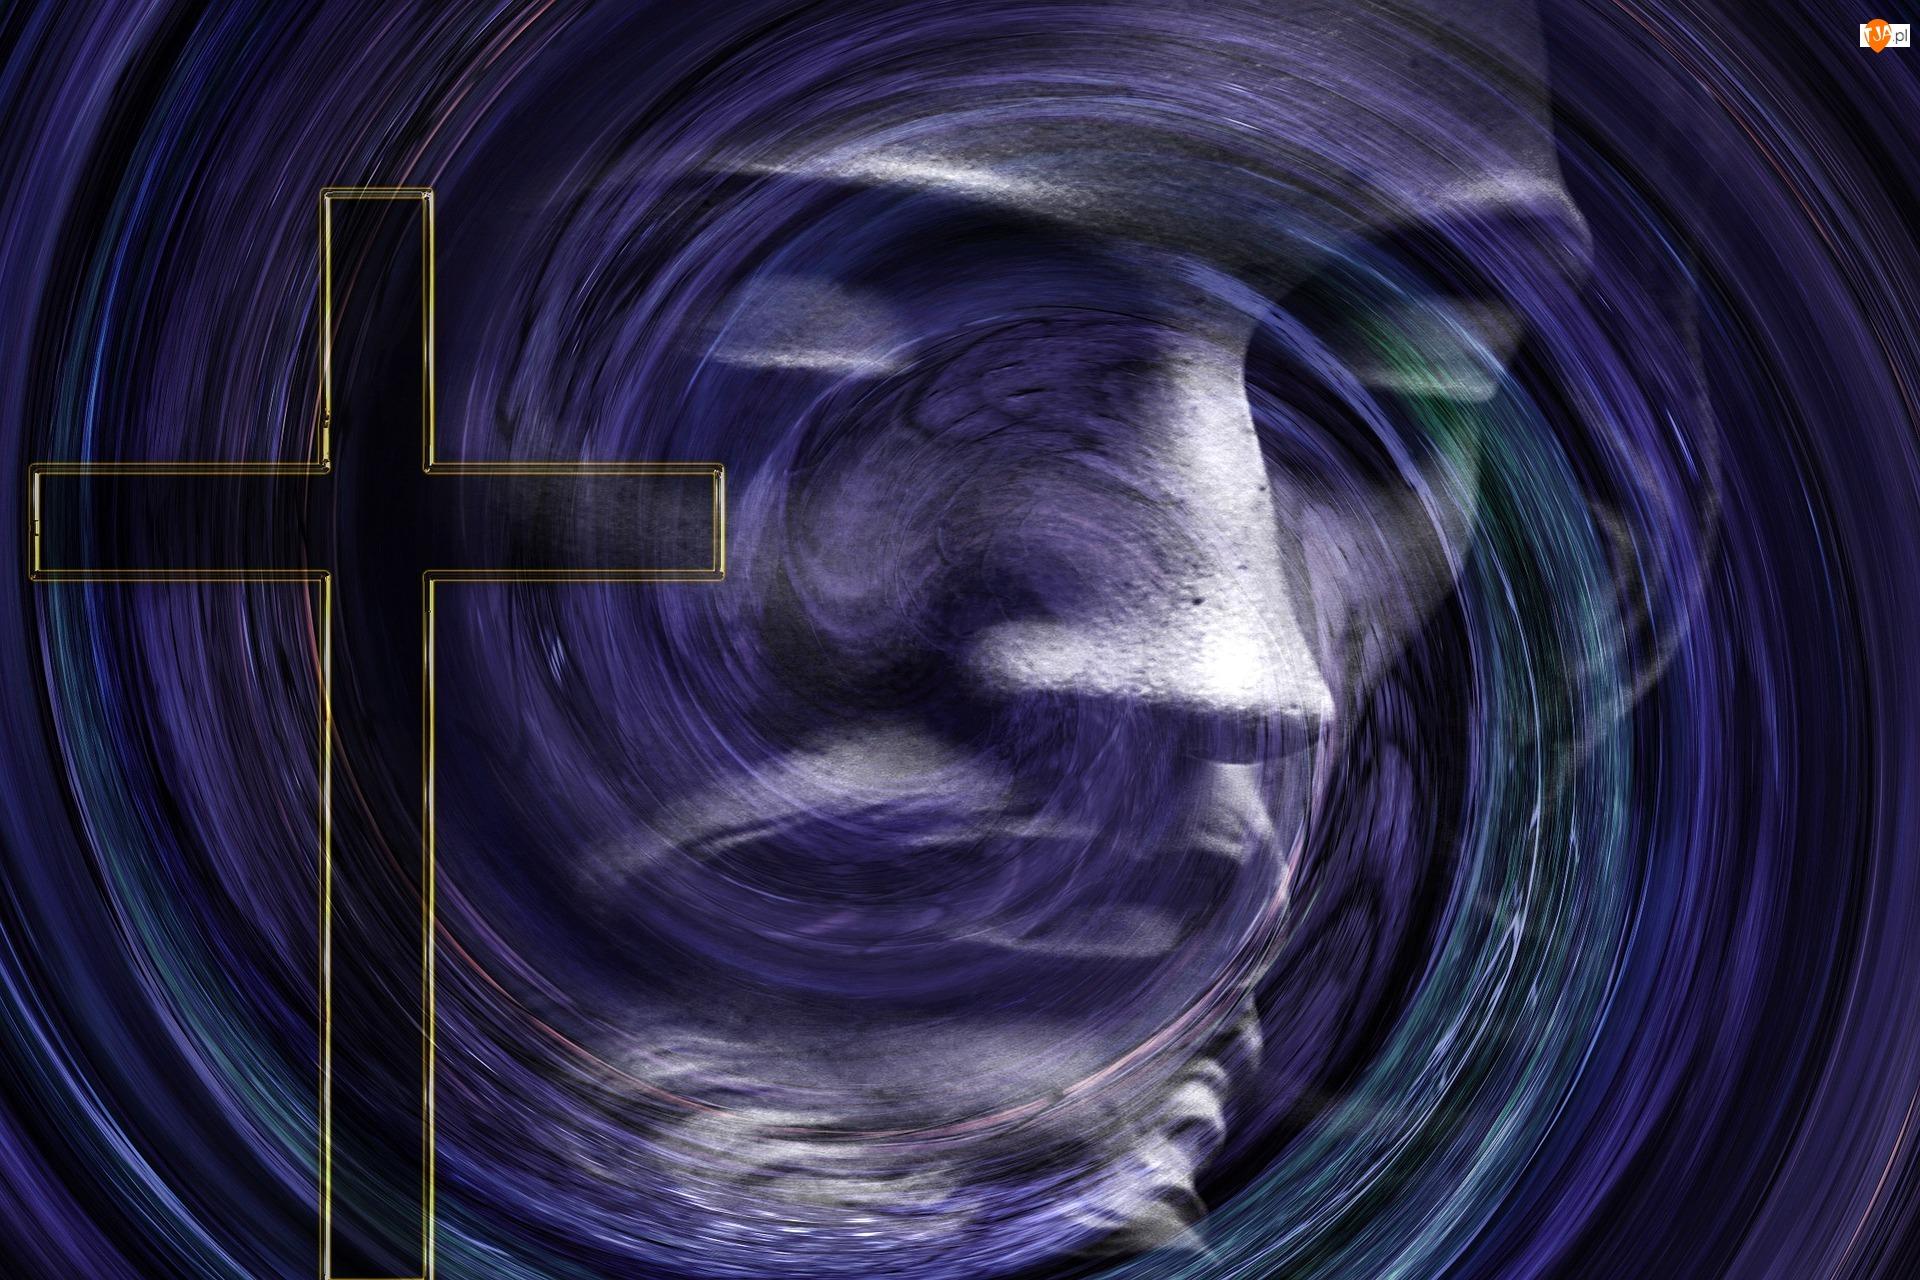 Chrześcijaństwo, Jezus Chrystus, Krzyż, Rzeźba, Wiara